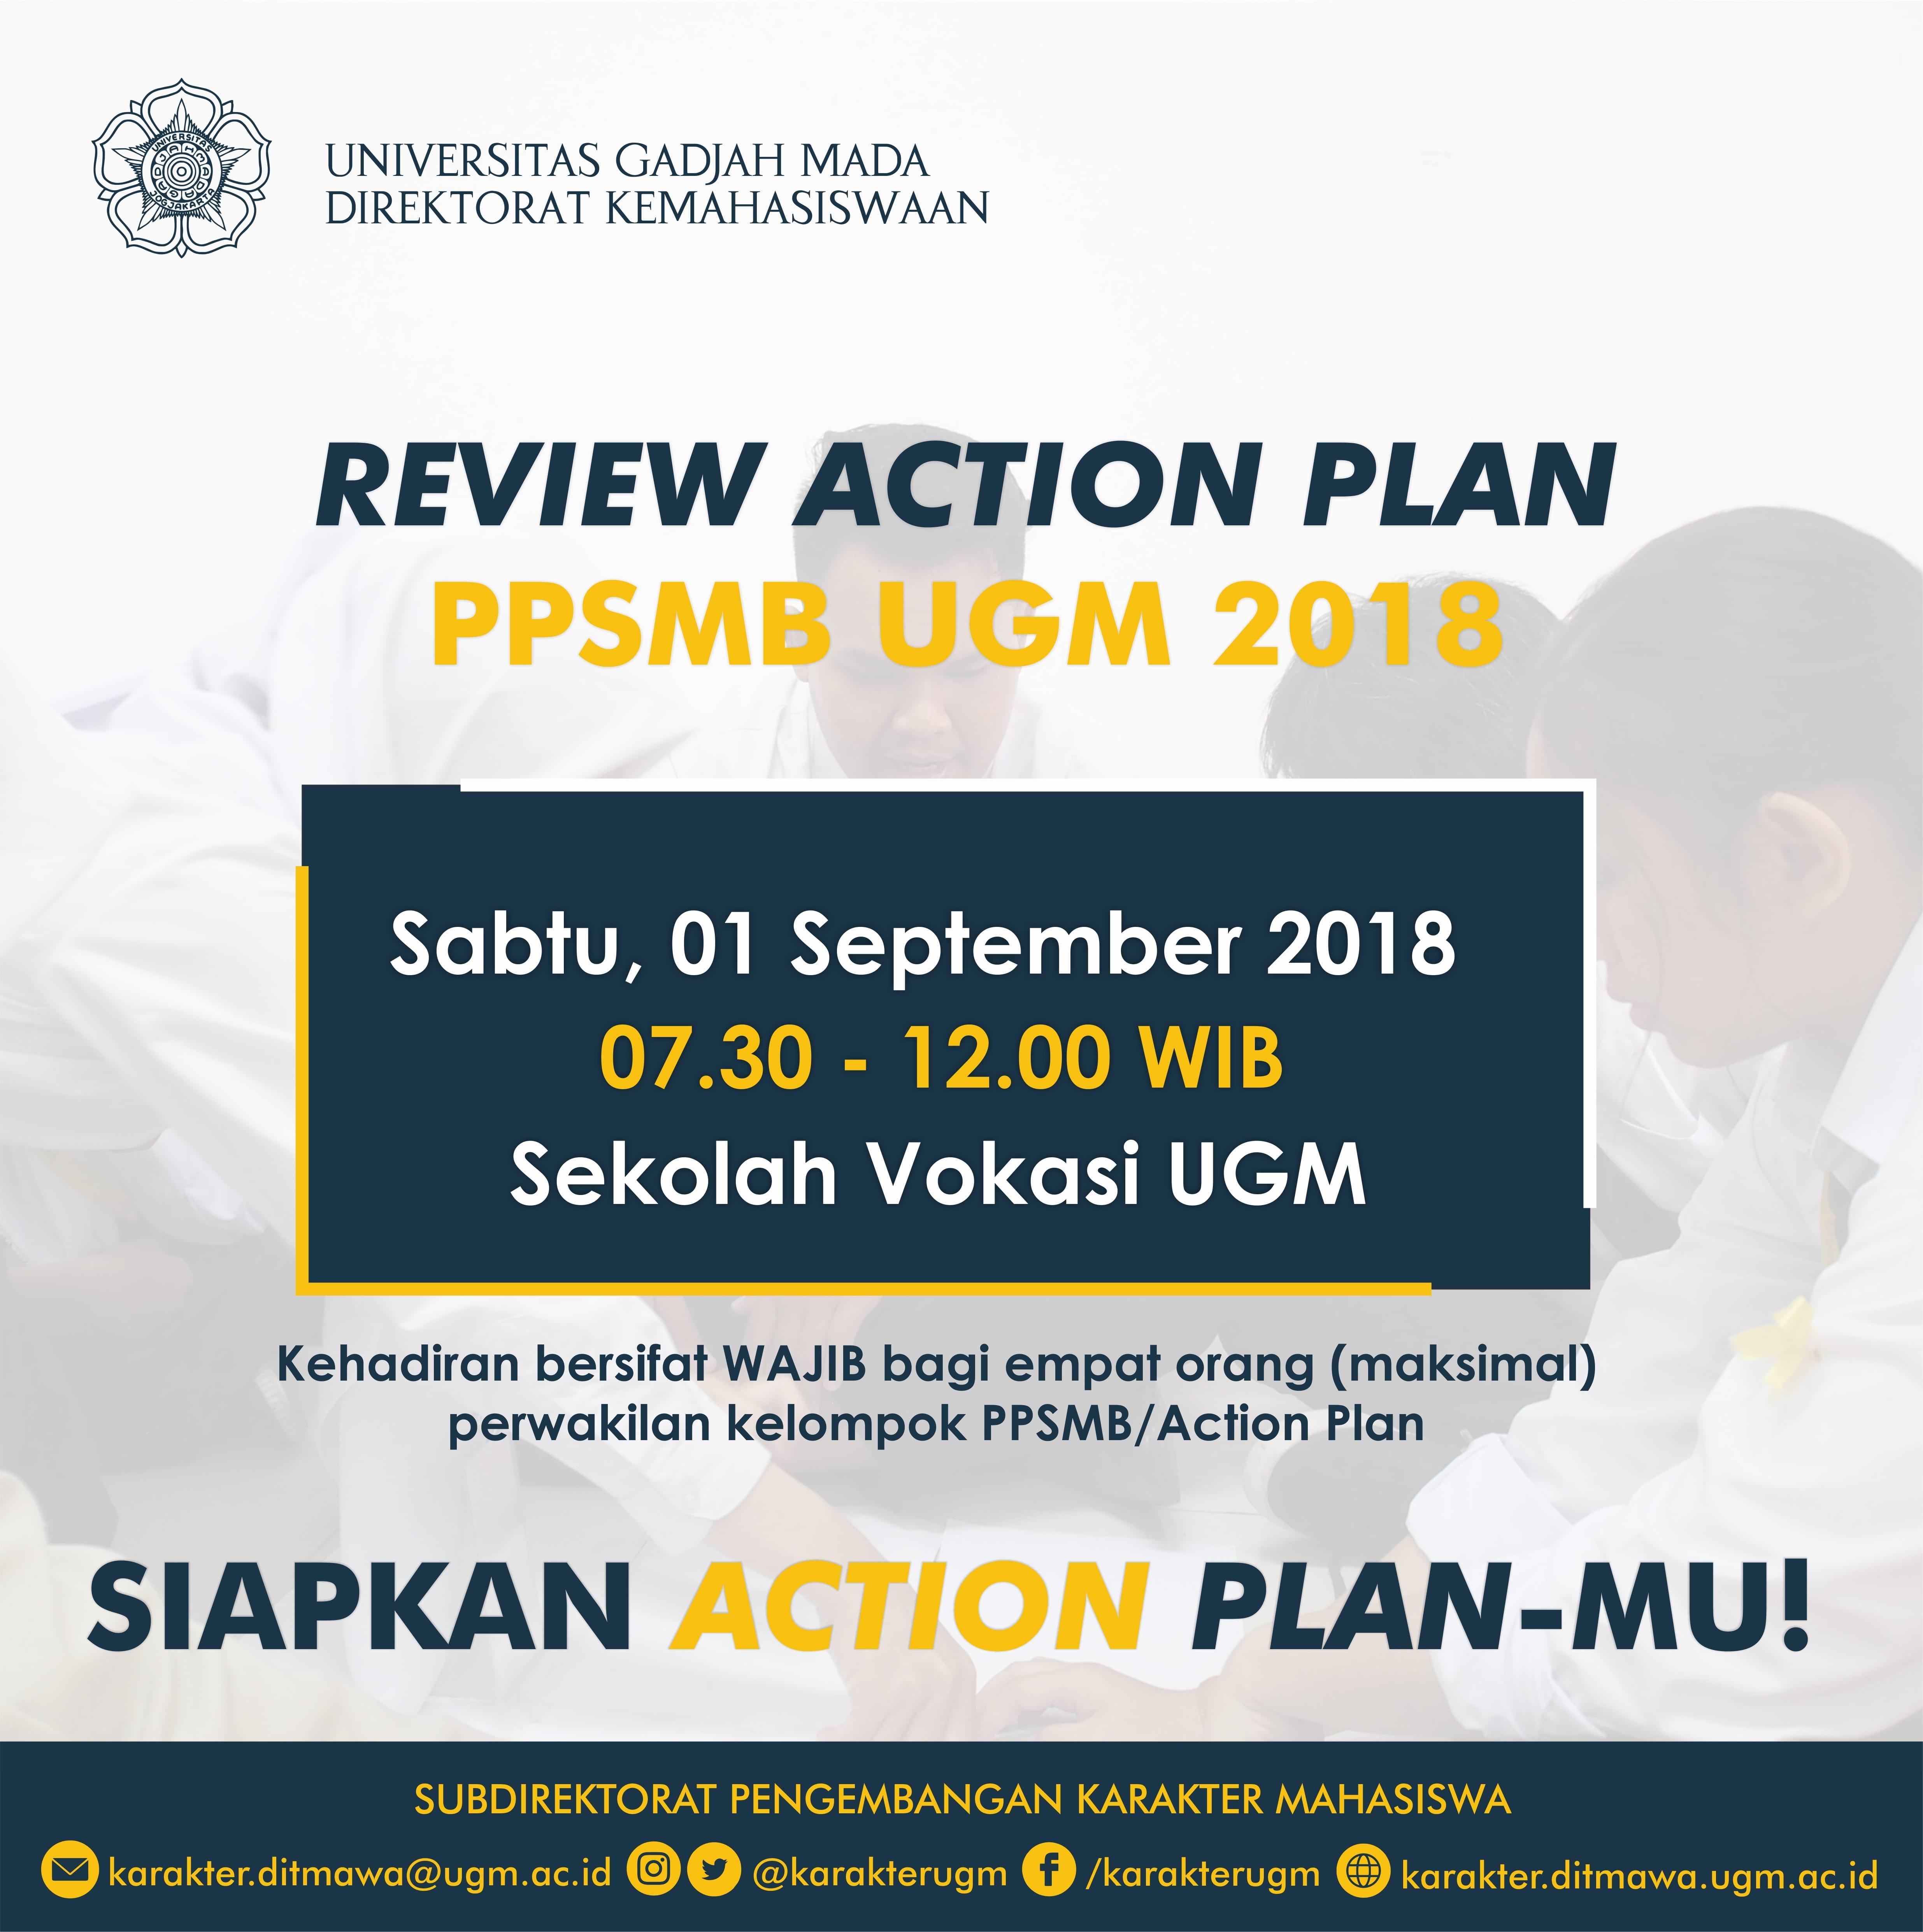 [PENGUMUMAN] Review Action Plan PPSMB UGM 2018